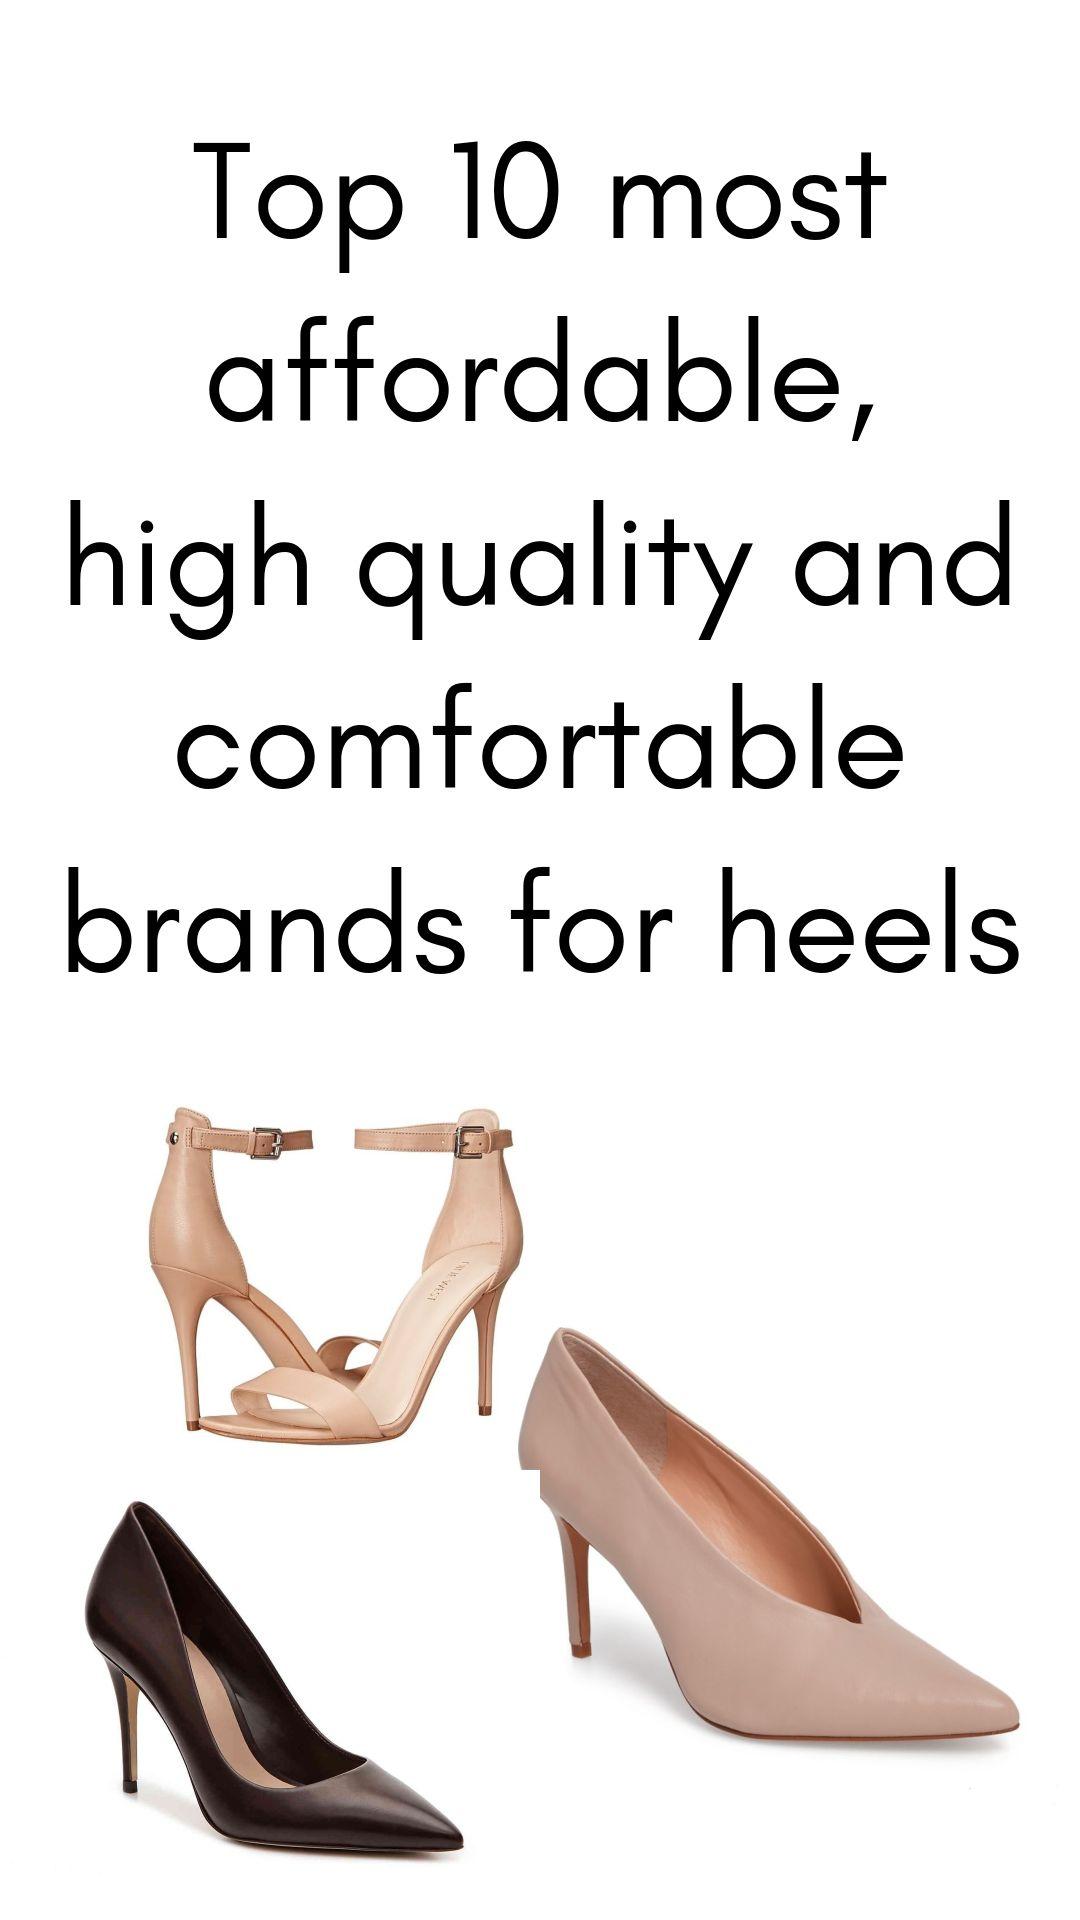 Comfortable Brands for Heels